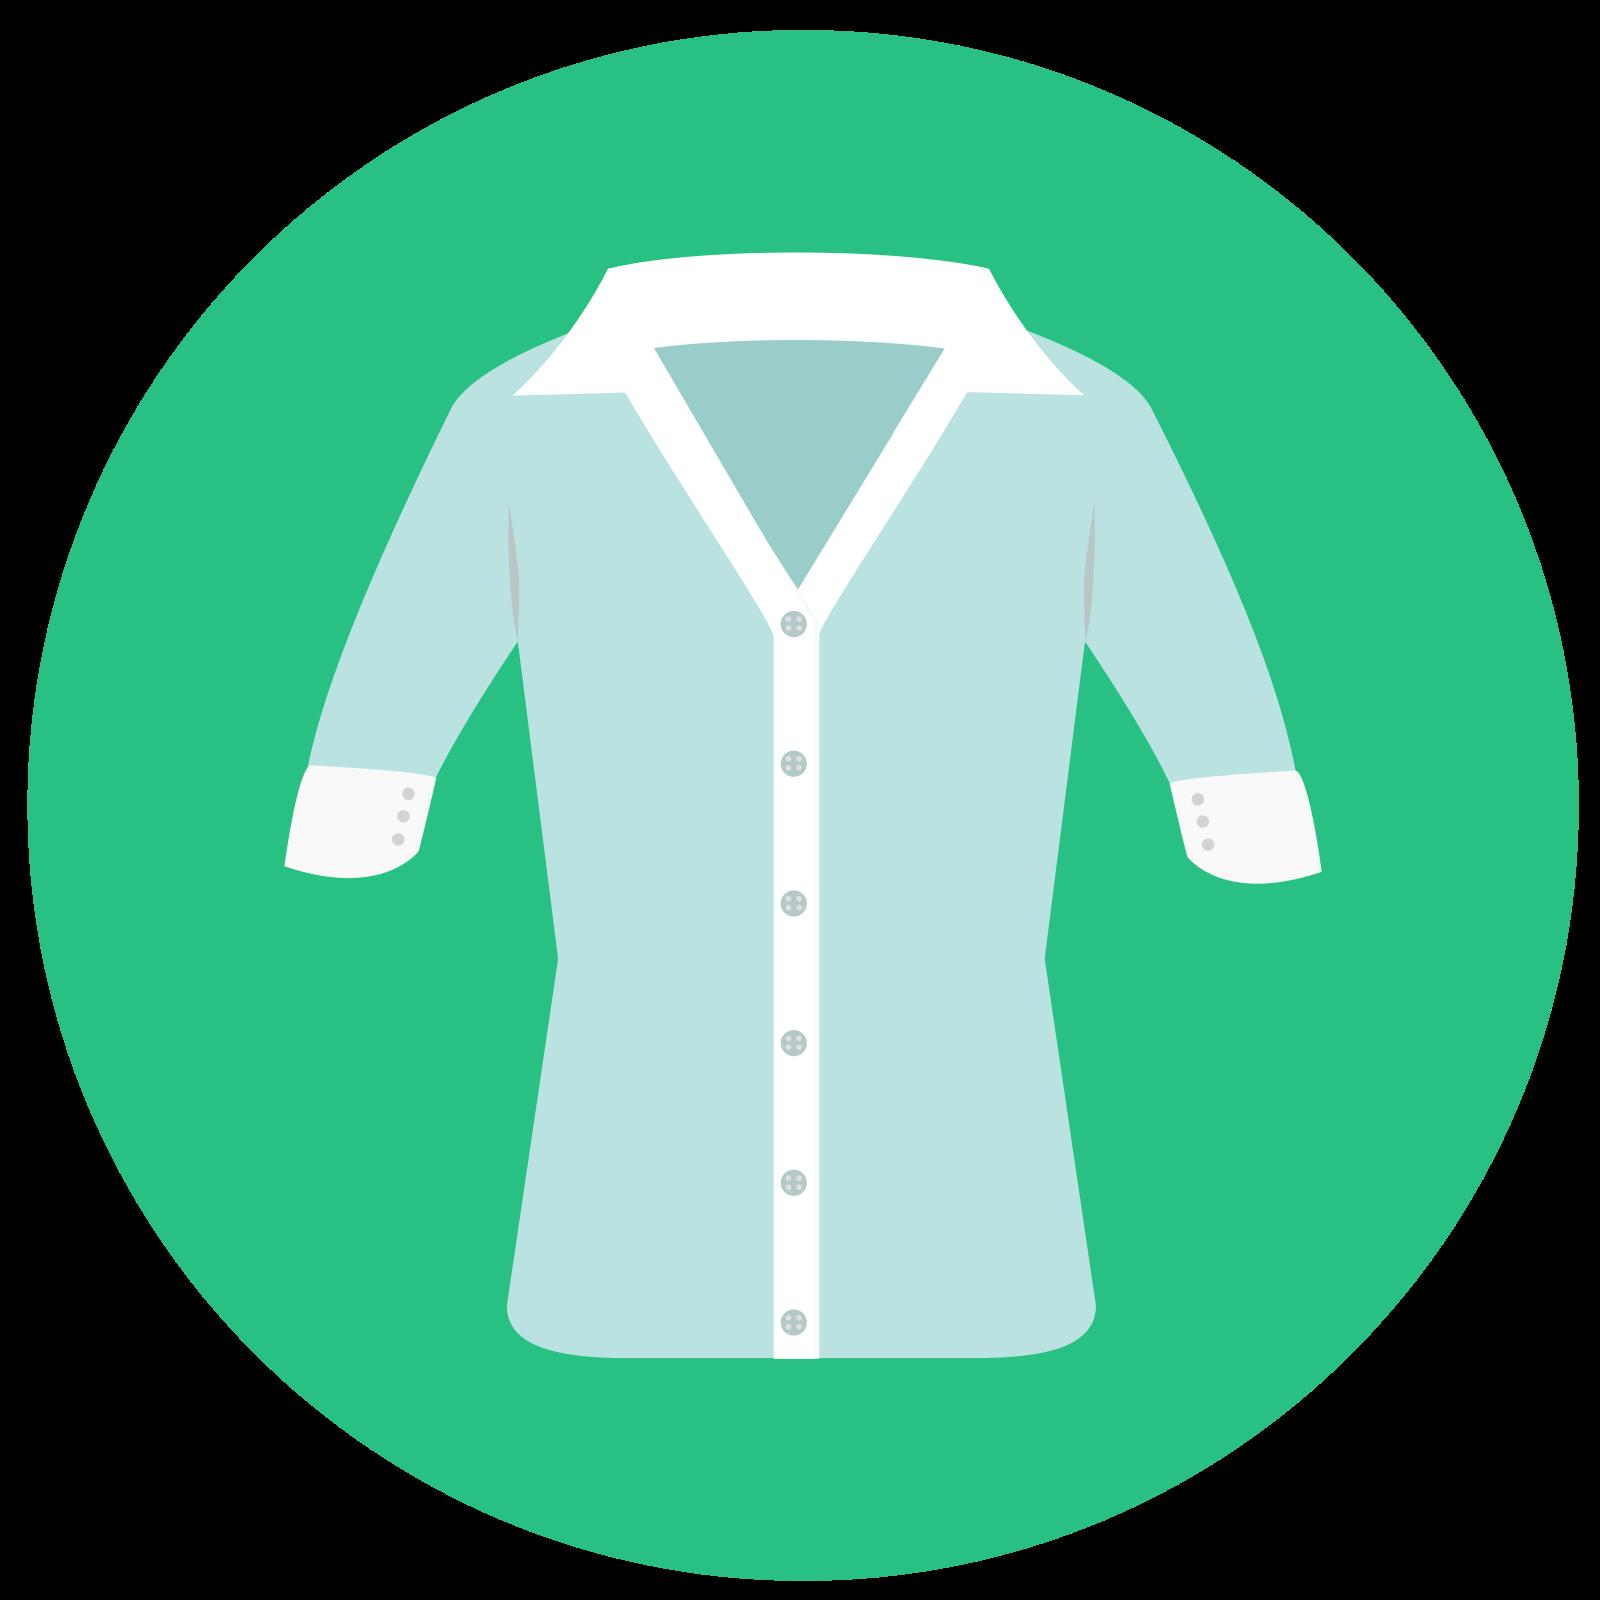 Short Sleeve Shirt icon